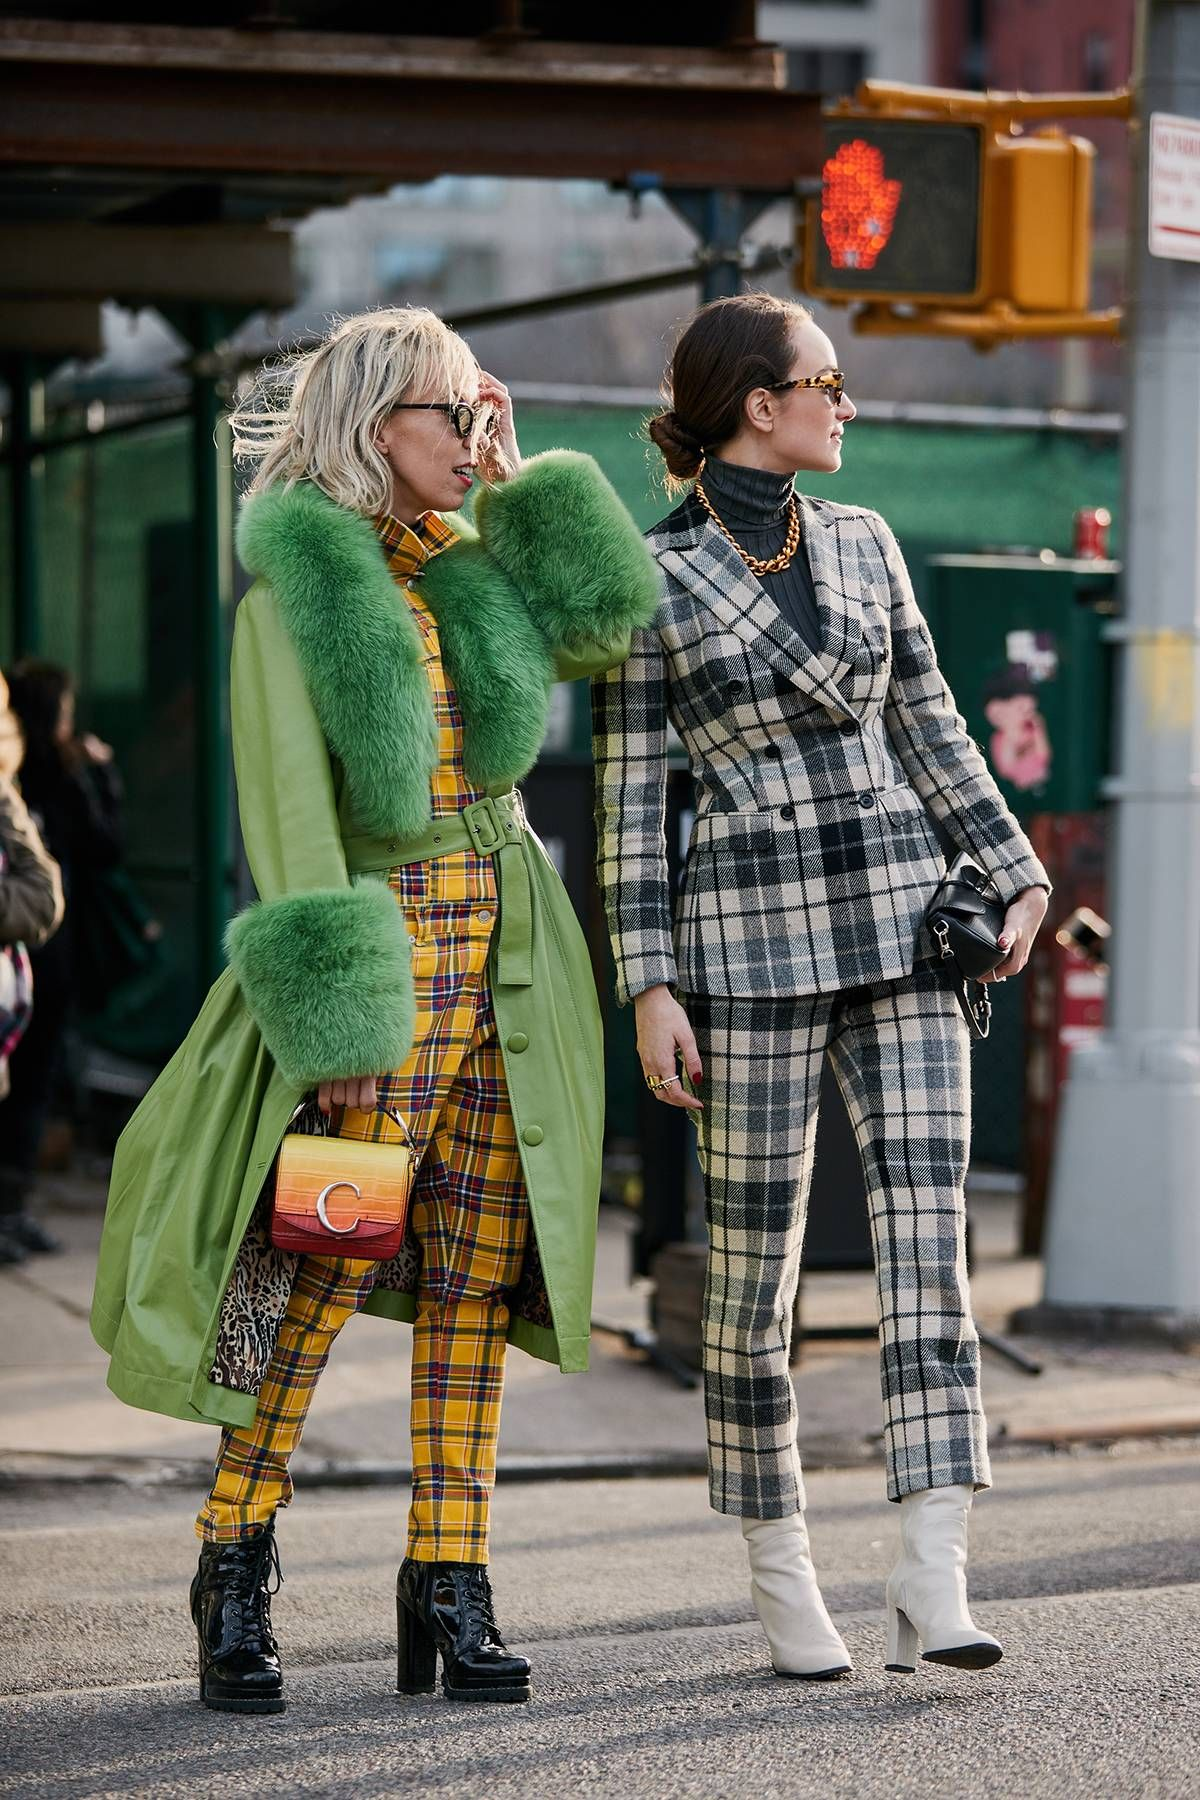 Gröna rutiga kjolutrustningsidéer